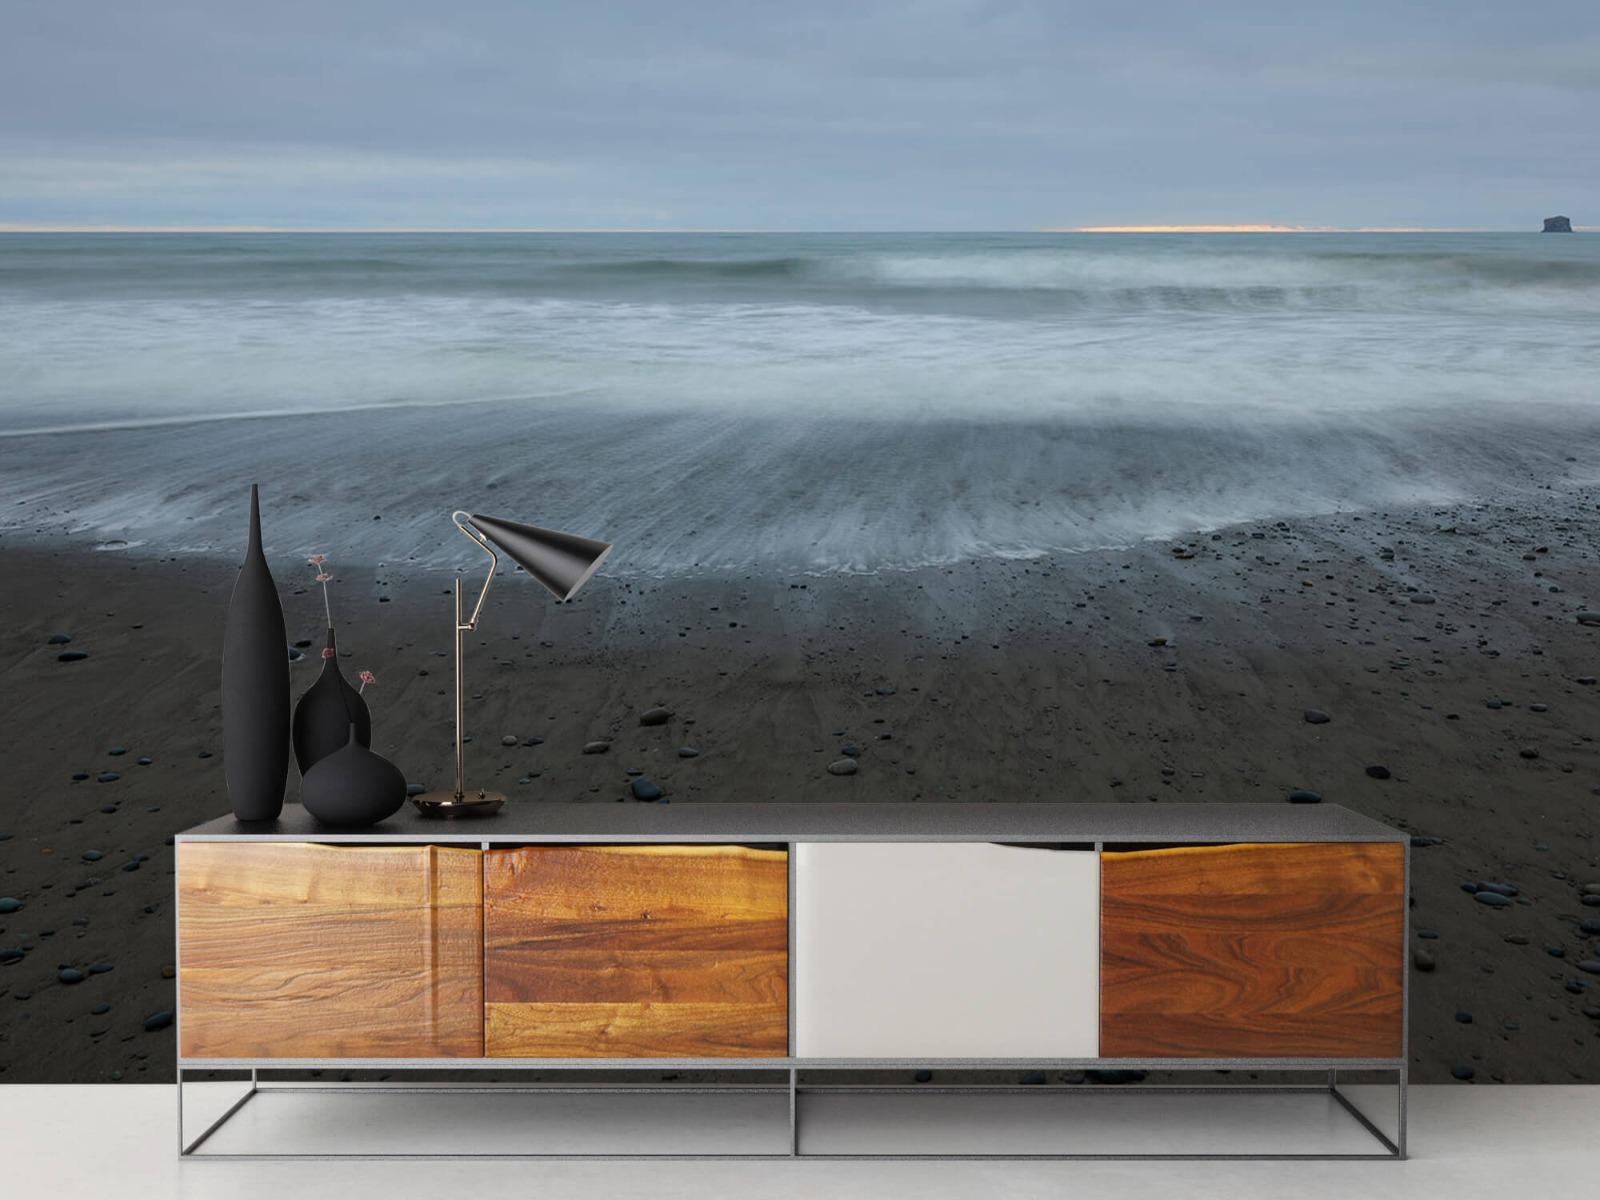 Zeeën en Oceanen - Golven aan het strand - Slaapkamer 3